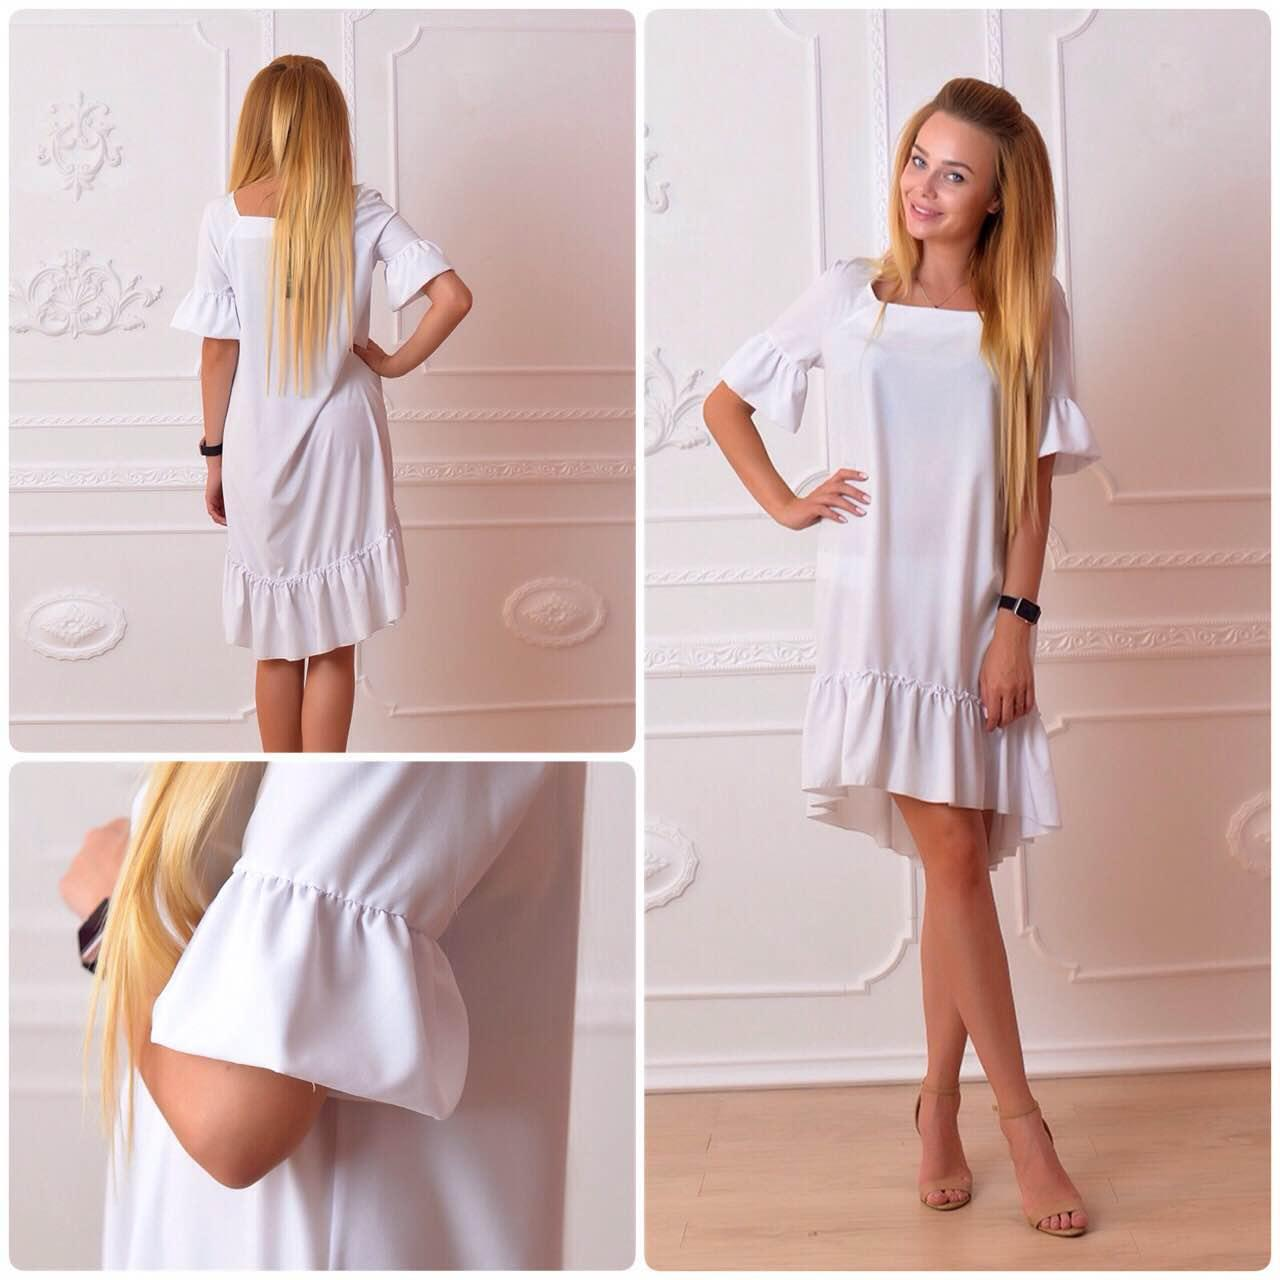 Платье, модель 789, белое